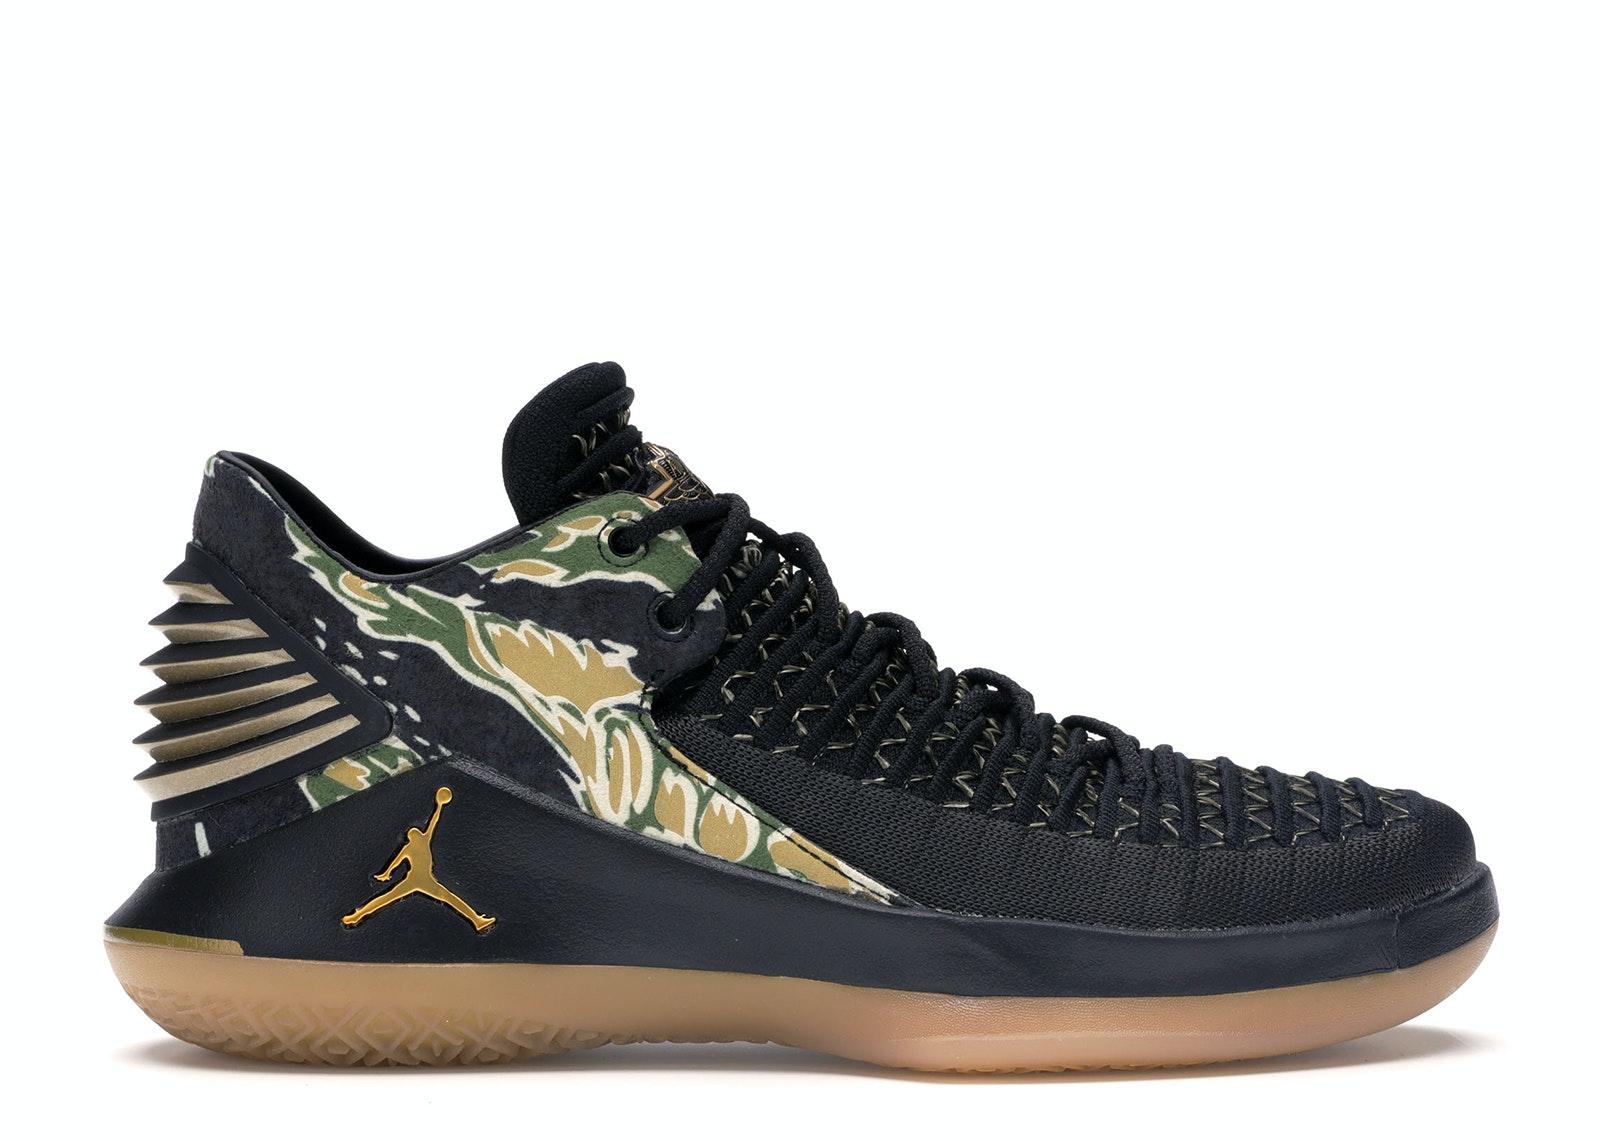 Jordan XXXII Low Camo (GS)